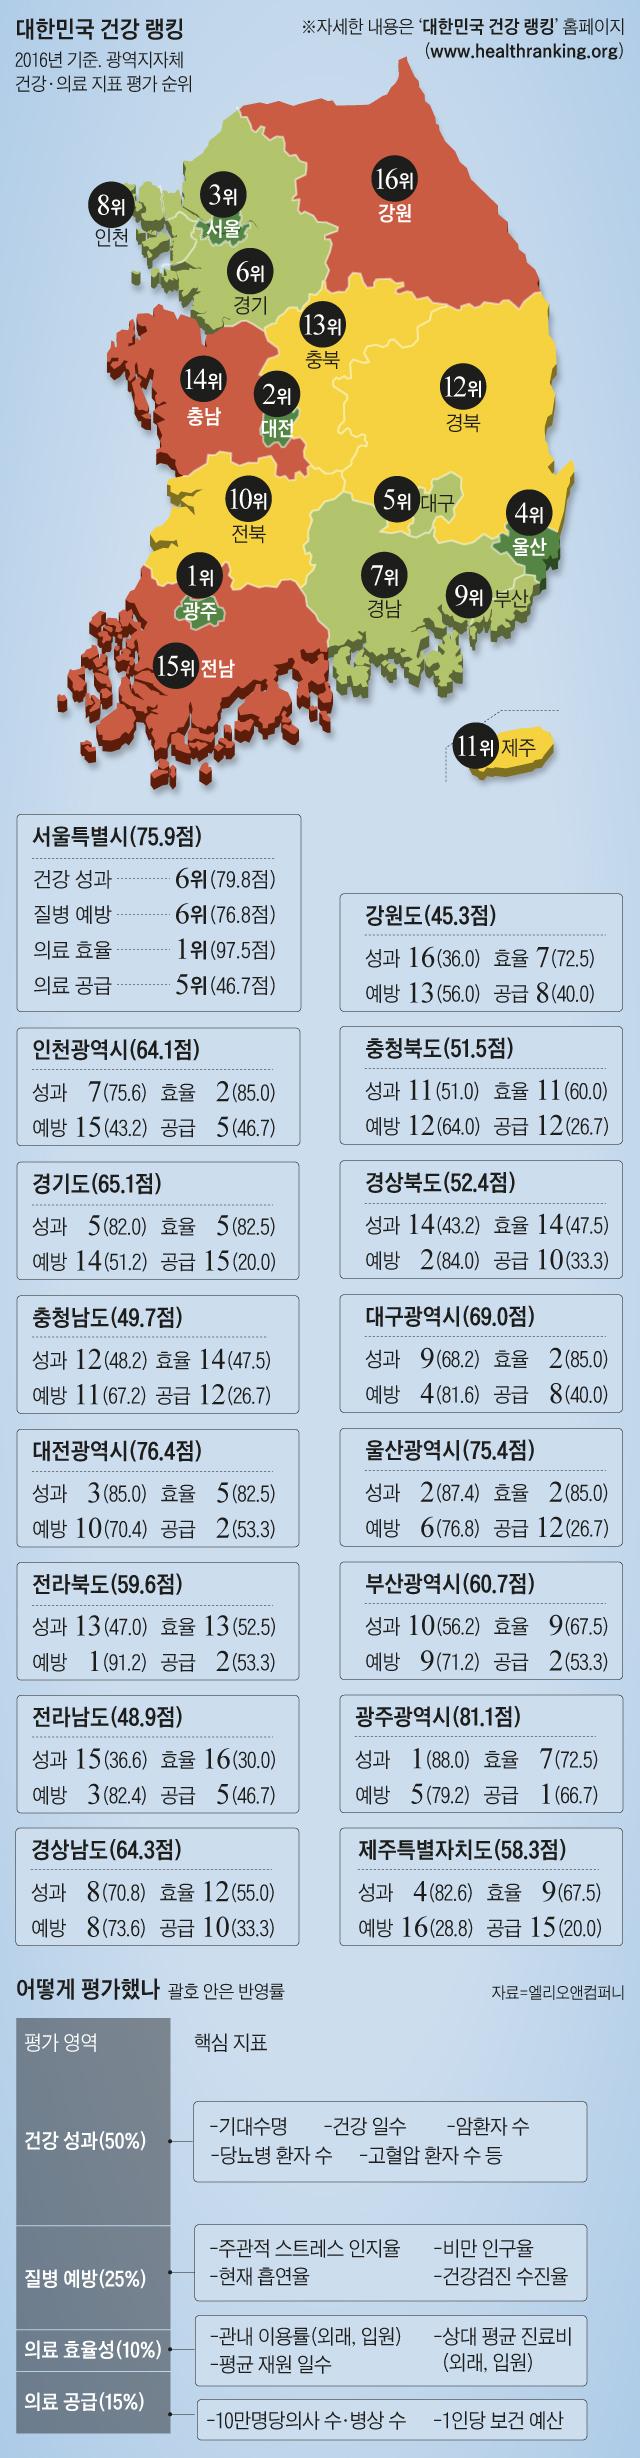 대한민국 건강 랭킹 그래픽